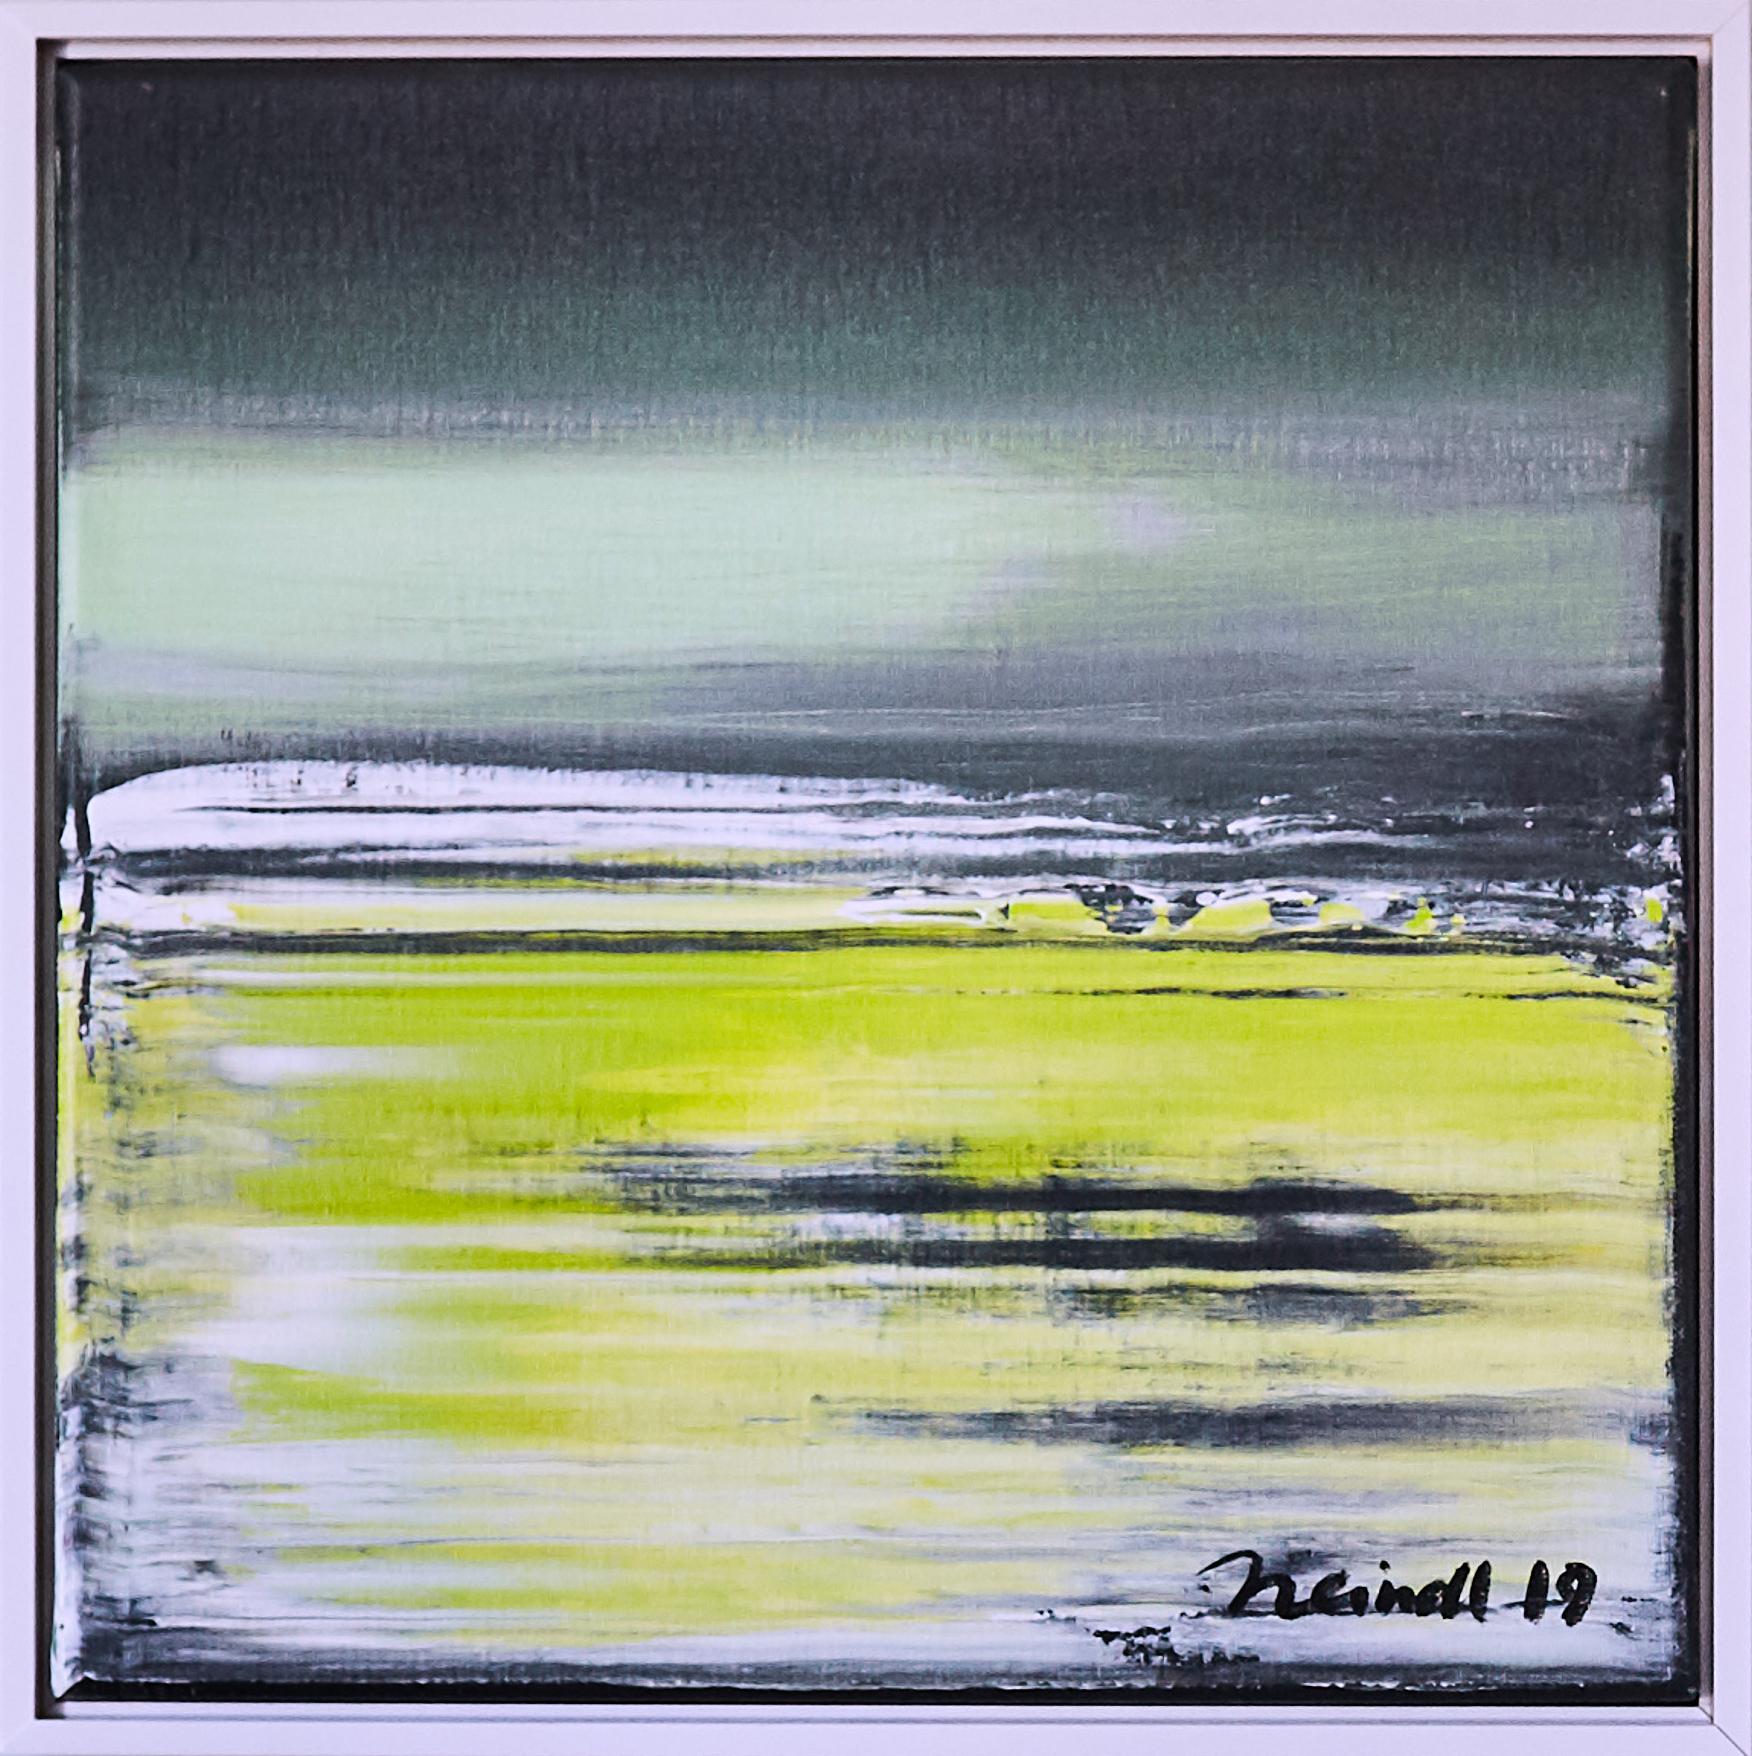 ›Sea‹, Acryl auf Leinwand, 43 x 43 cm, 2019